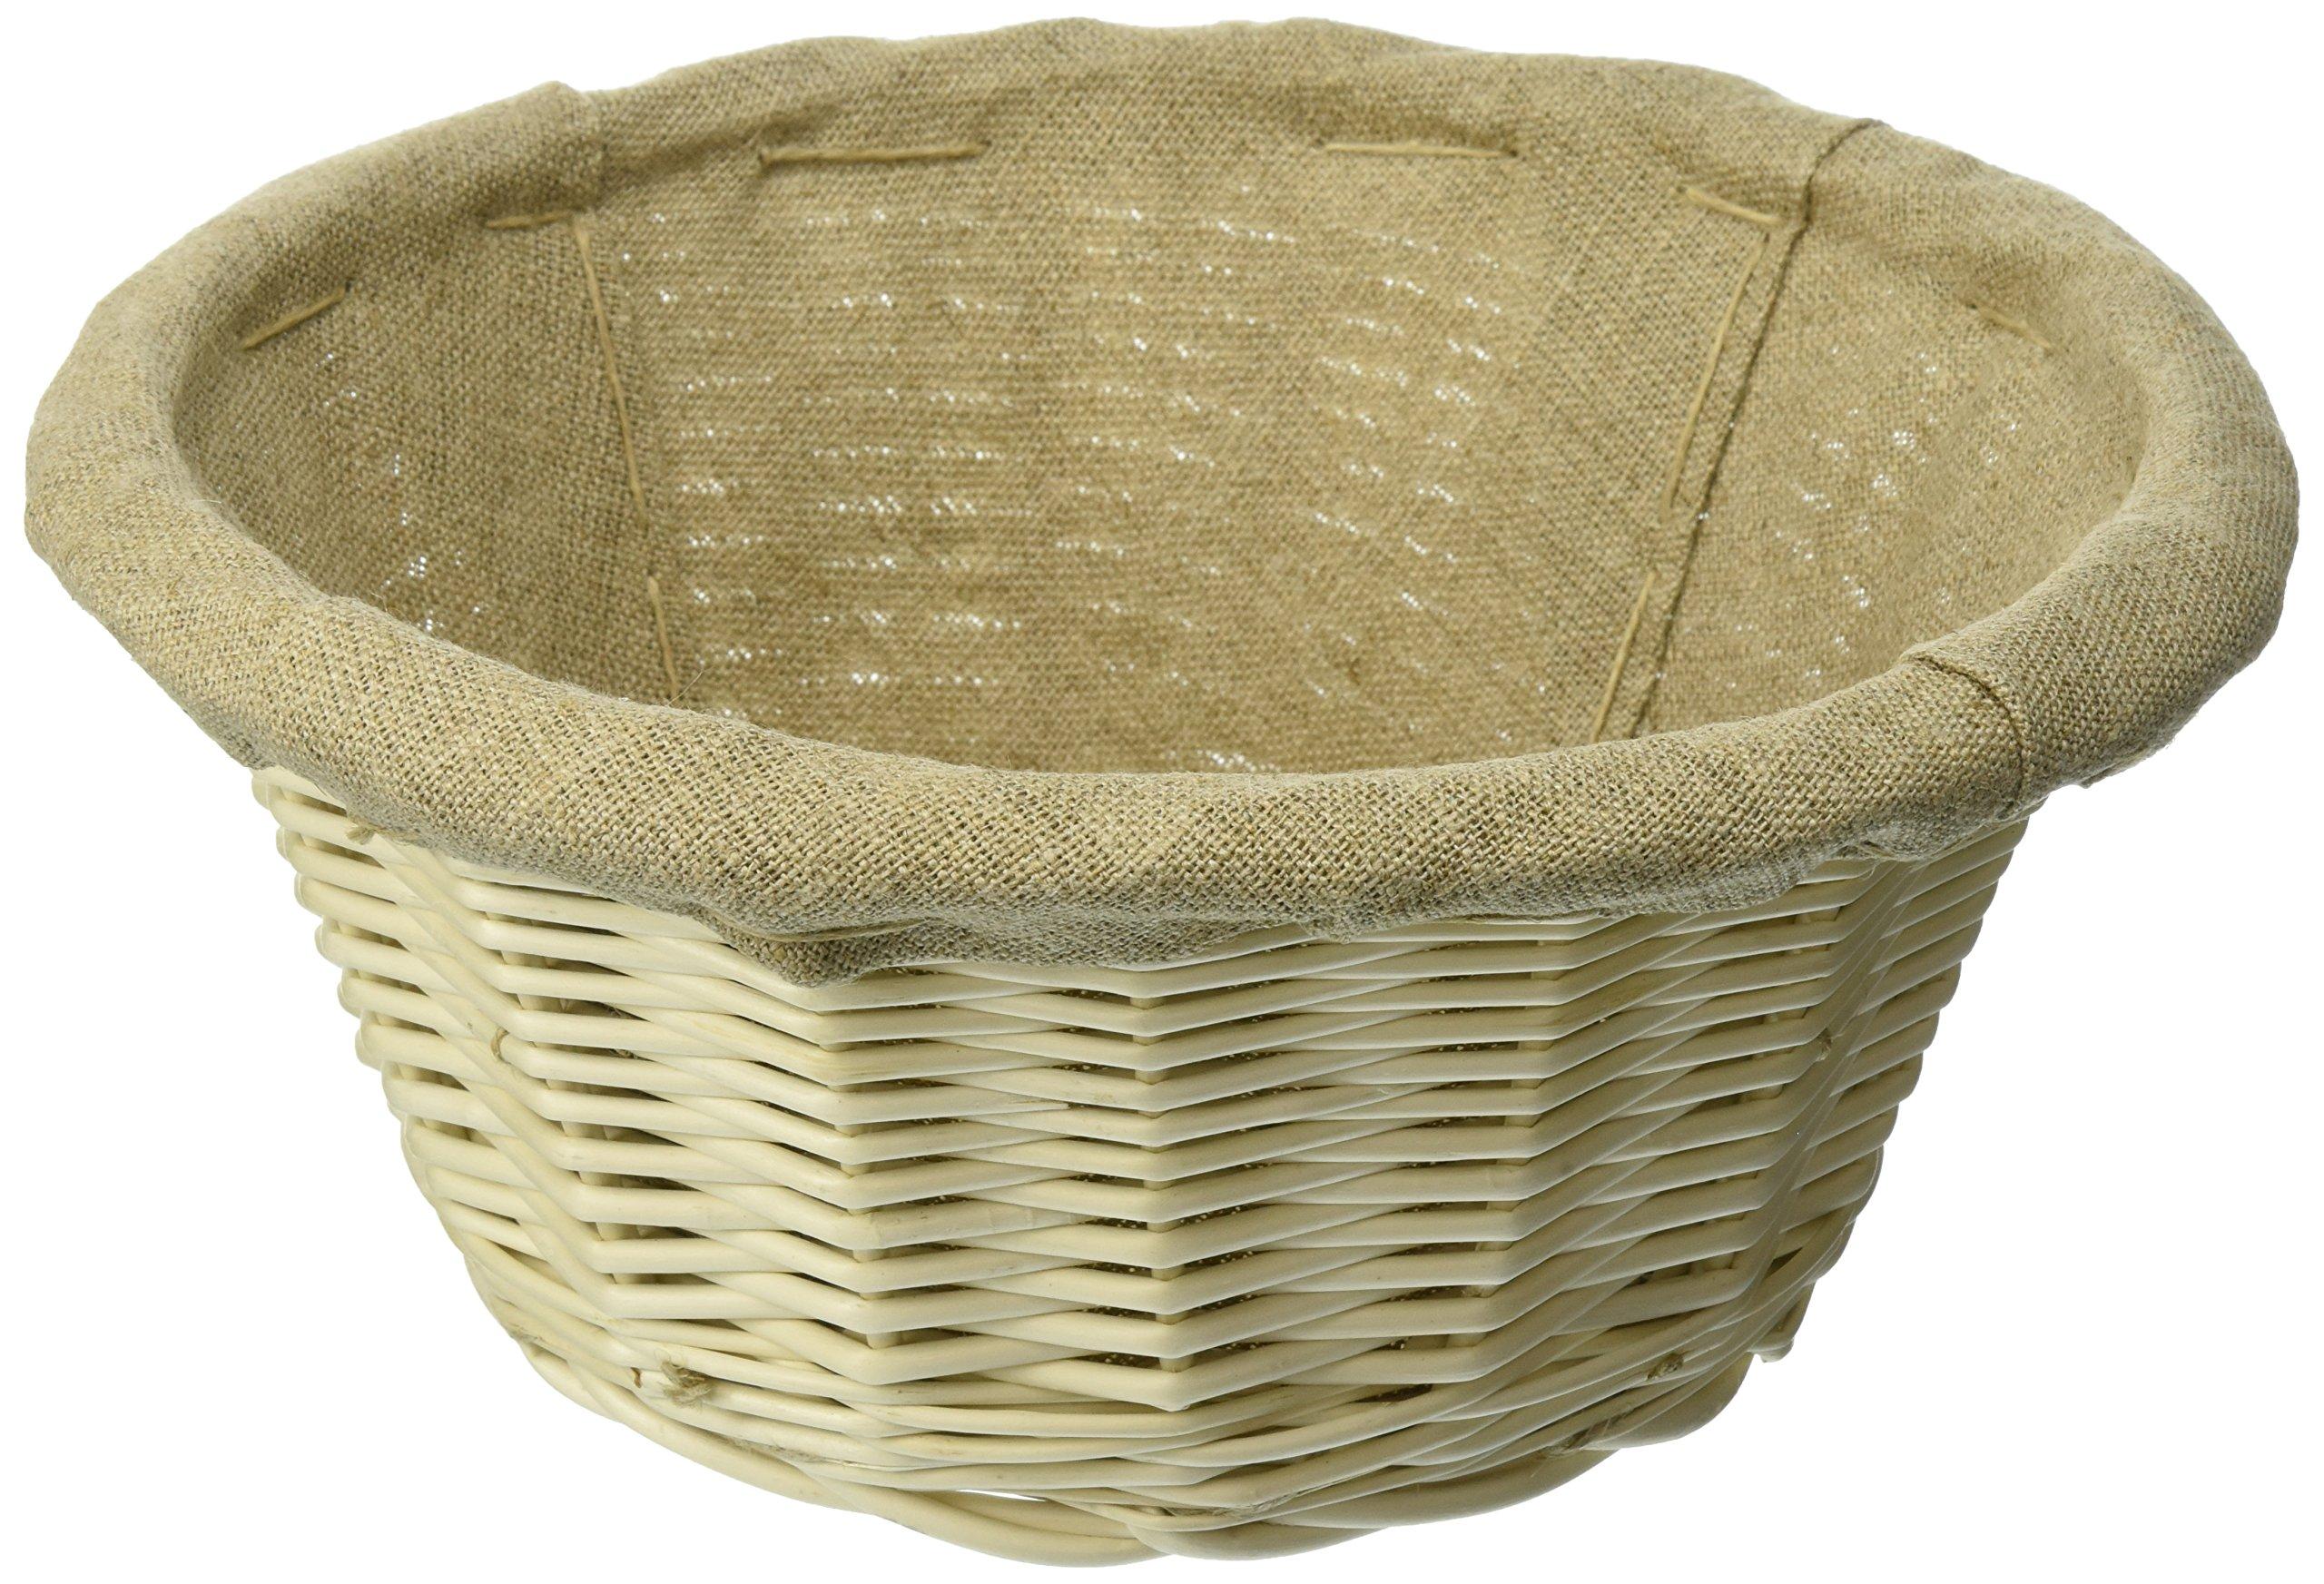 Matfer 9 1/2 Inch Banneton Line Lined Basket